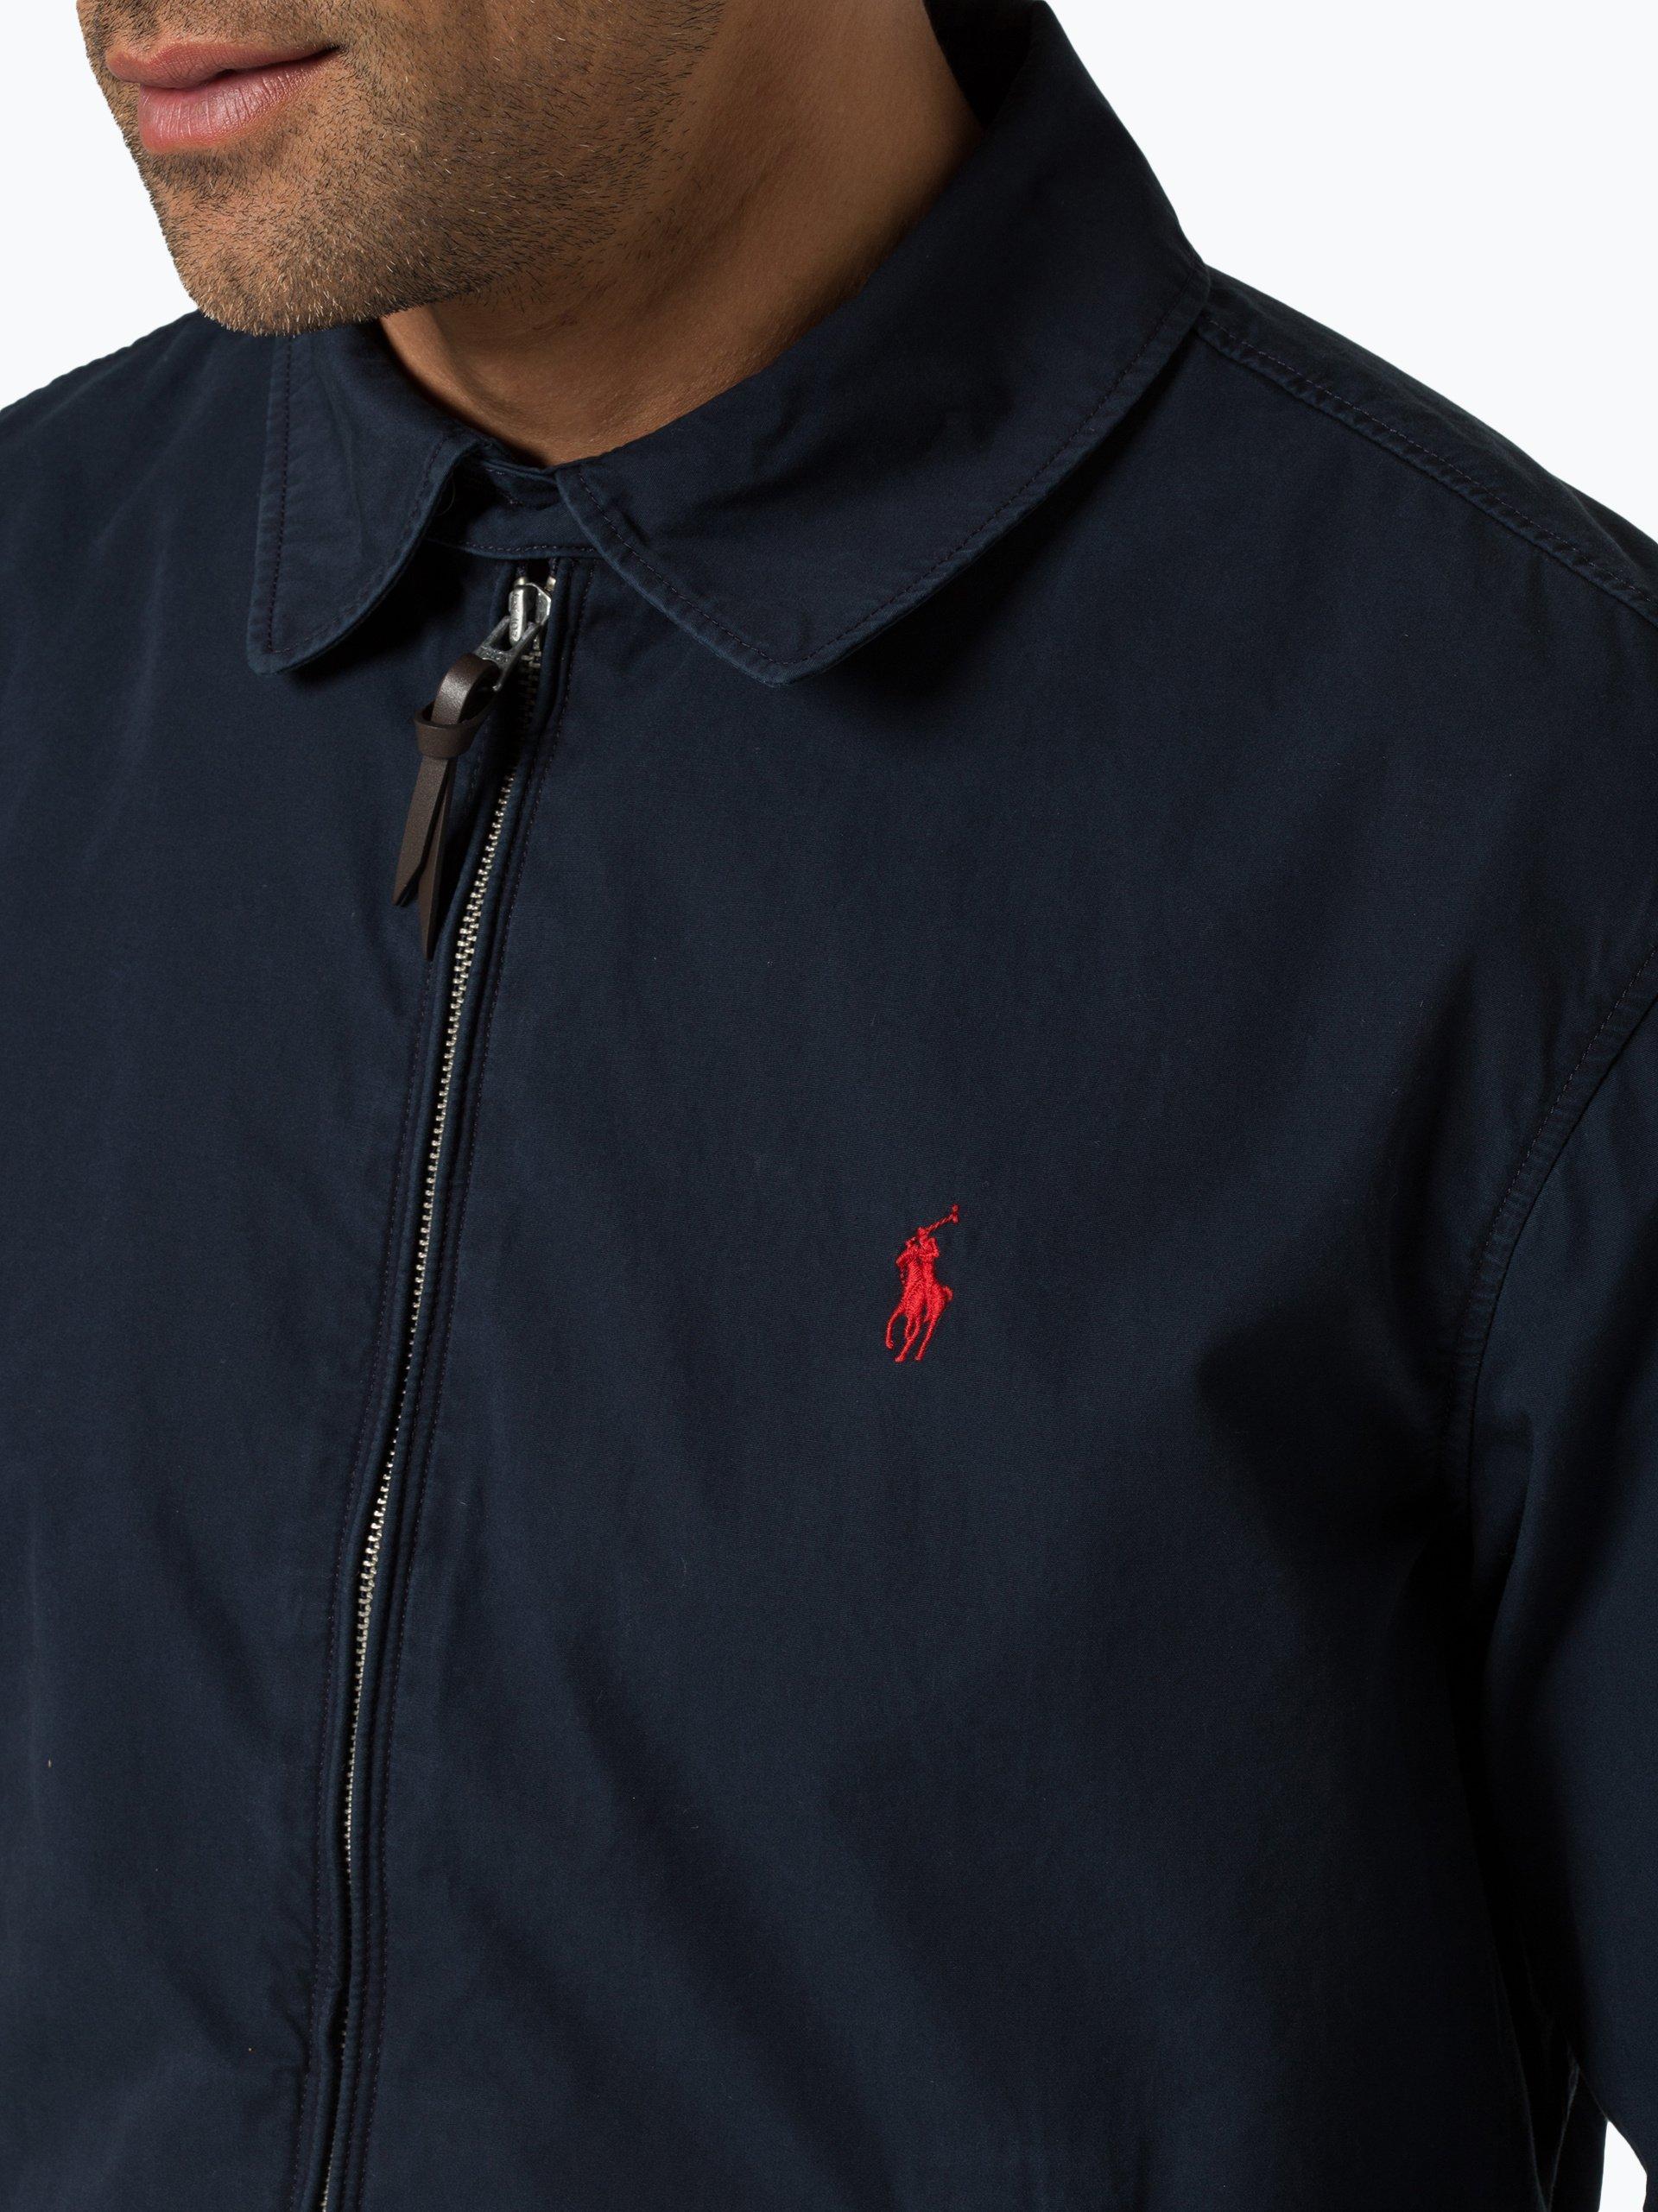 604161b29 Polo Ralph Lauren Kurtka męska kup online   VANGRAAF.COM